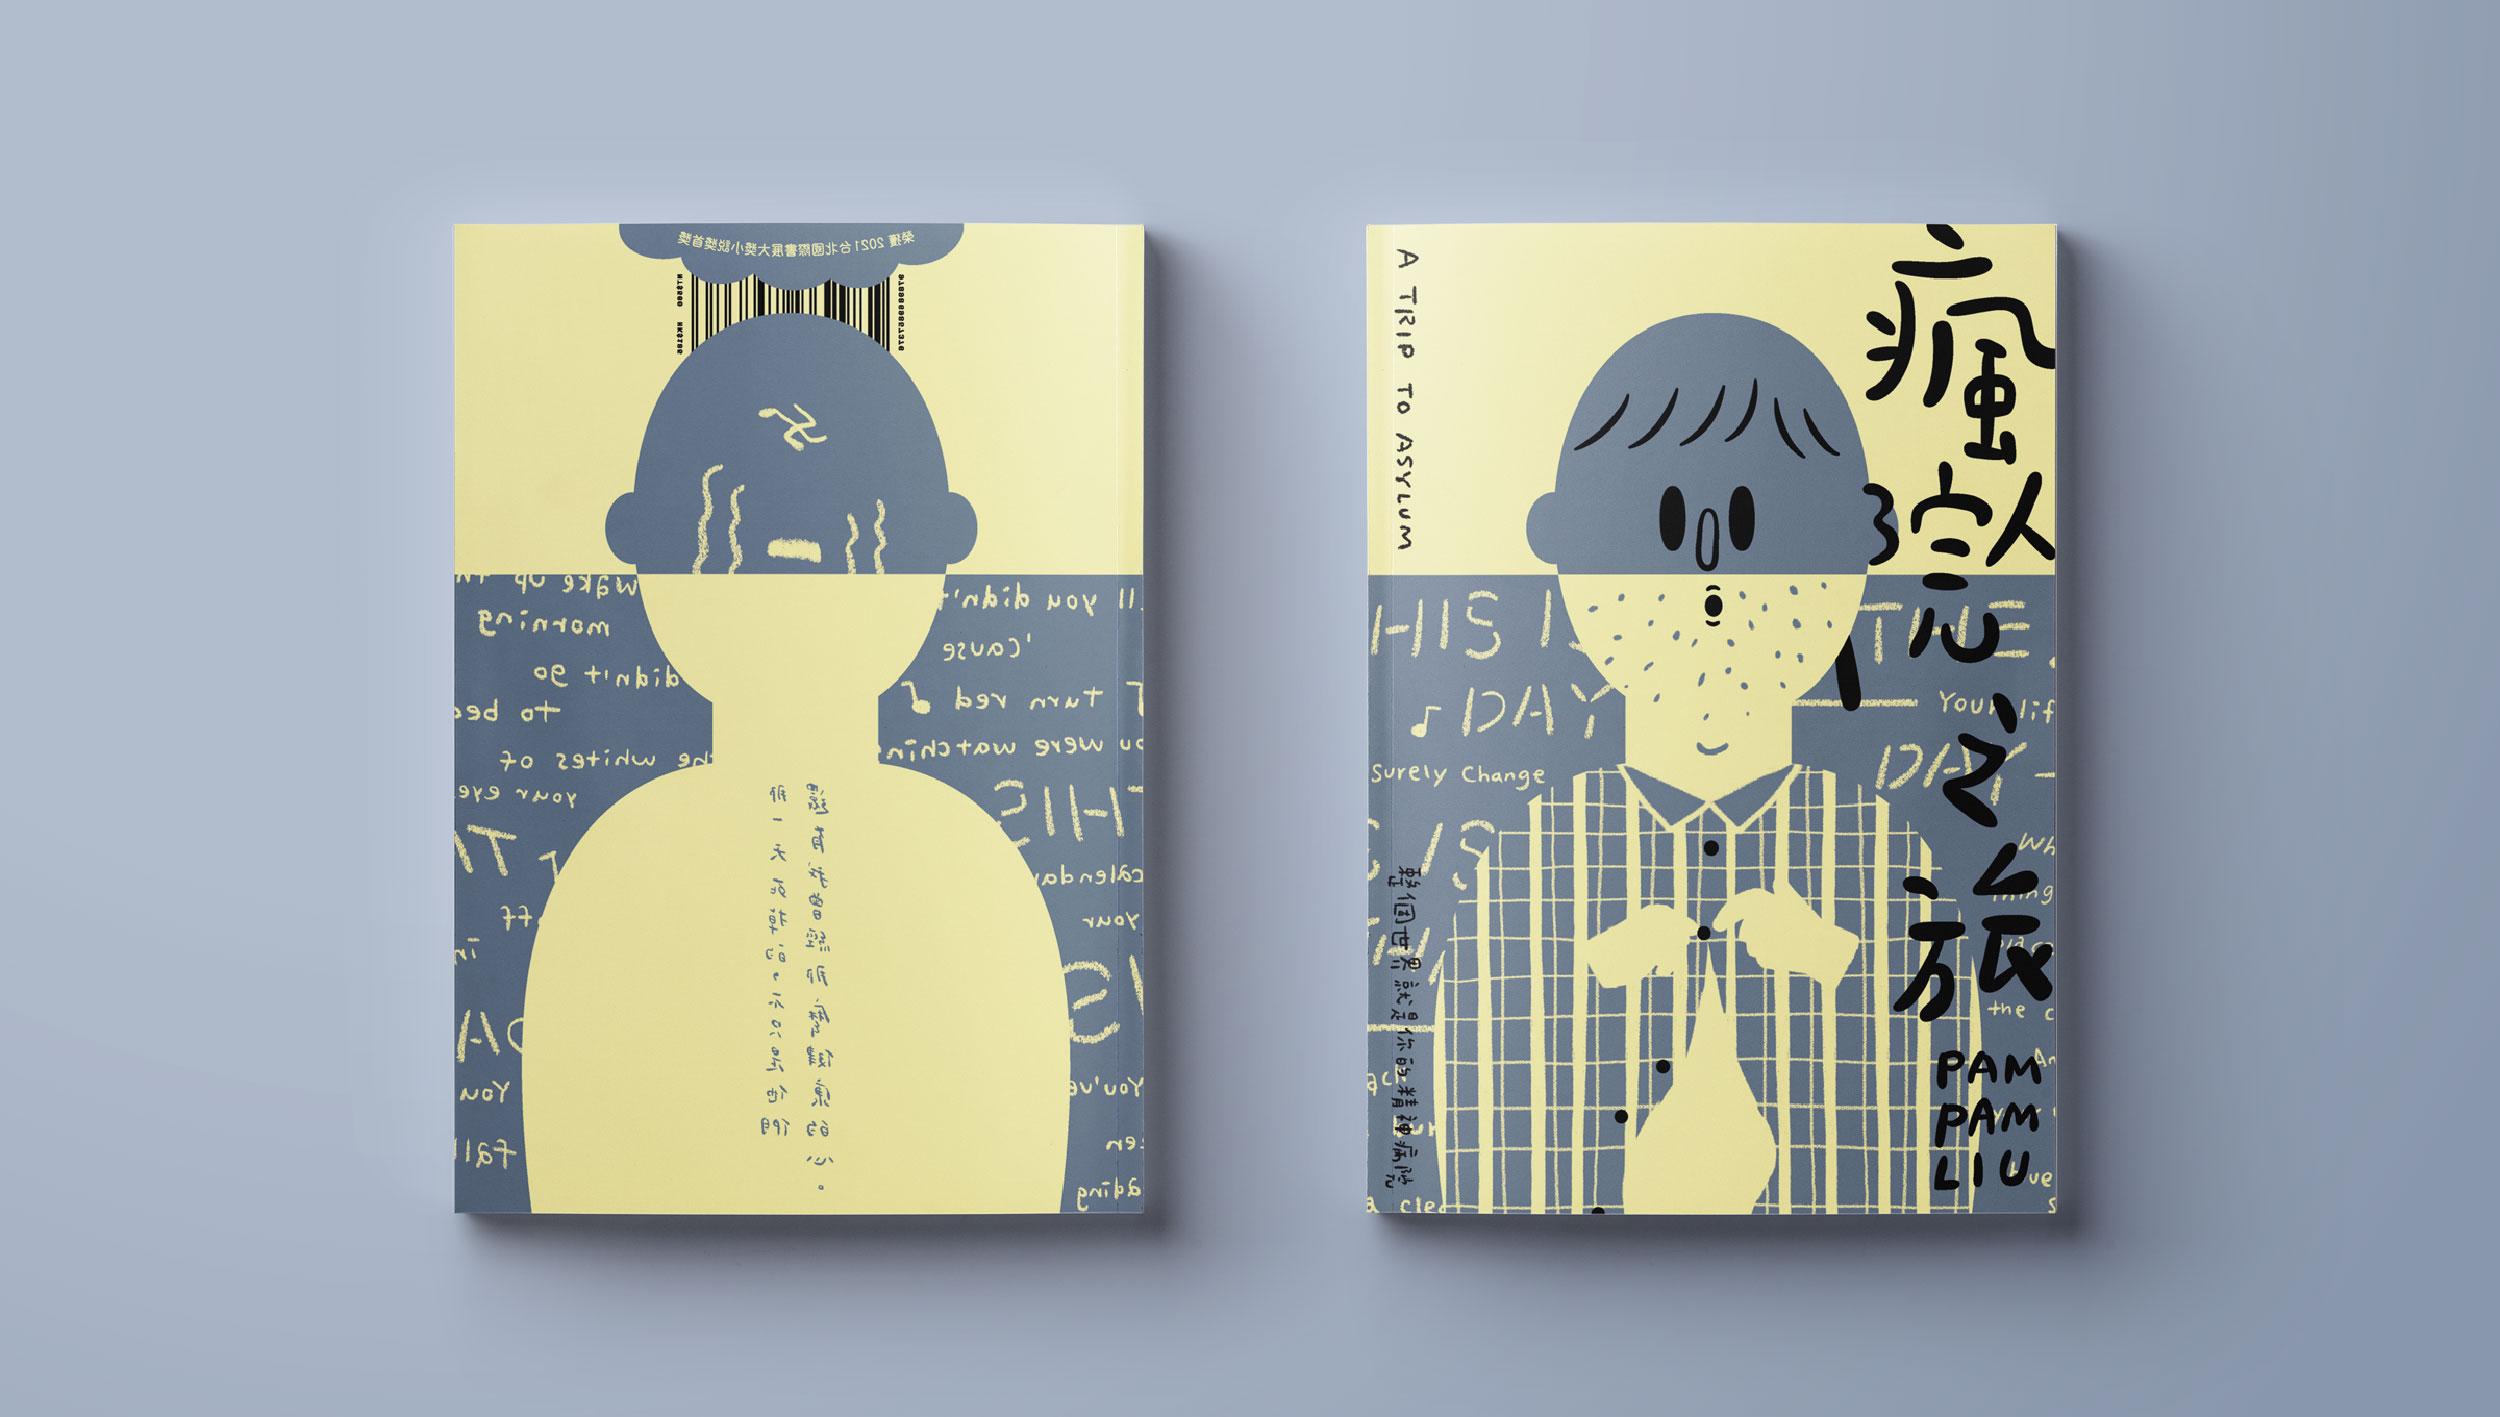 創漫畫奪文學獎項先例 台北國際書展小說首獎《瘋人院之旅》好評再版